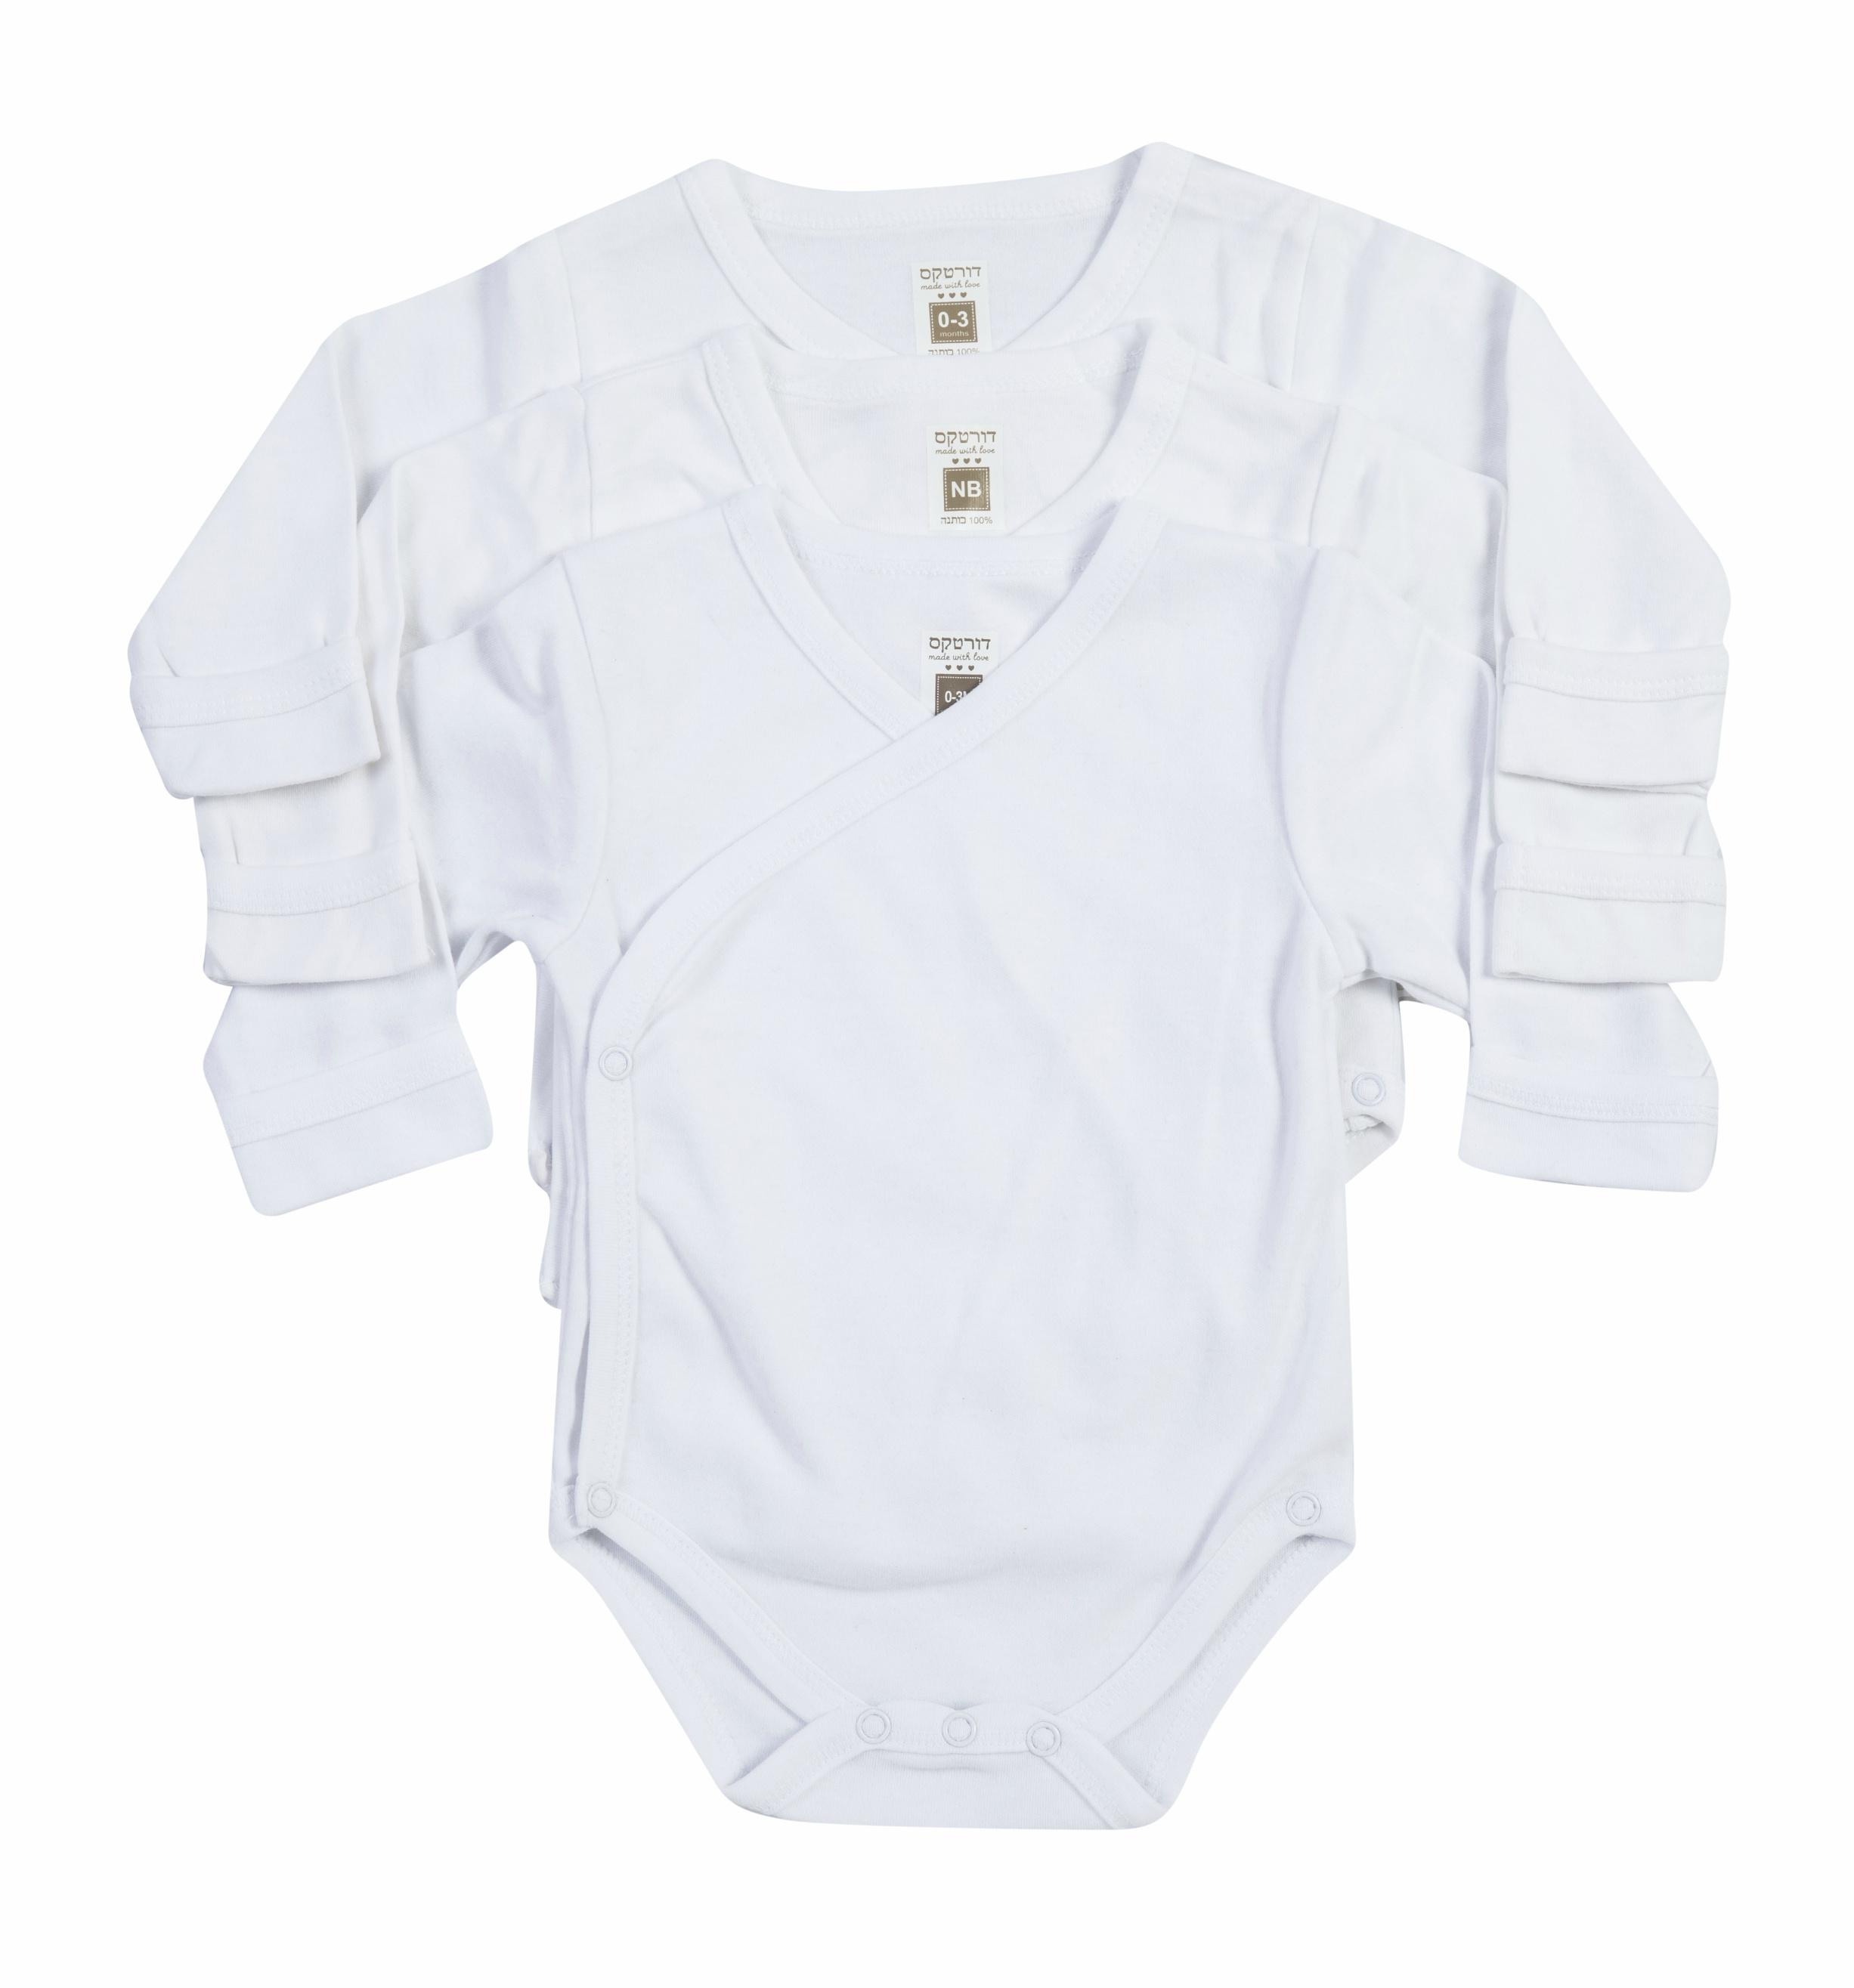 שלישיית בגדי גוף חזייה B-001 לבן